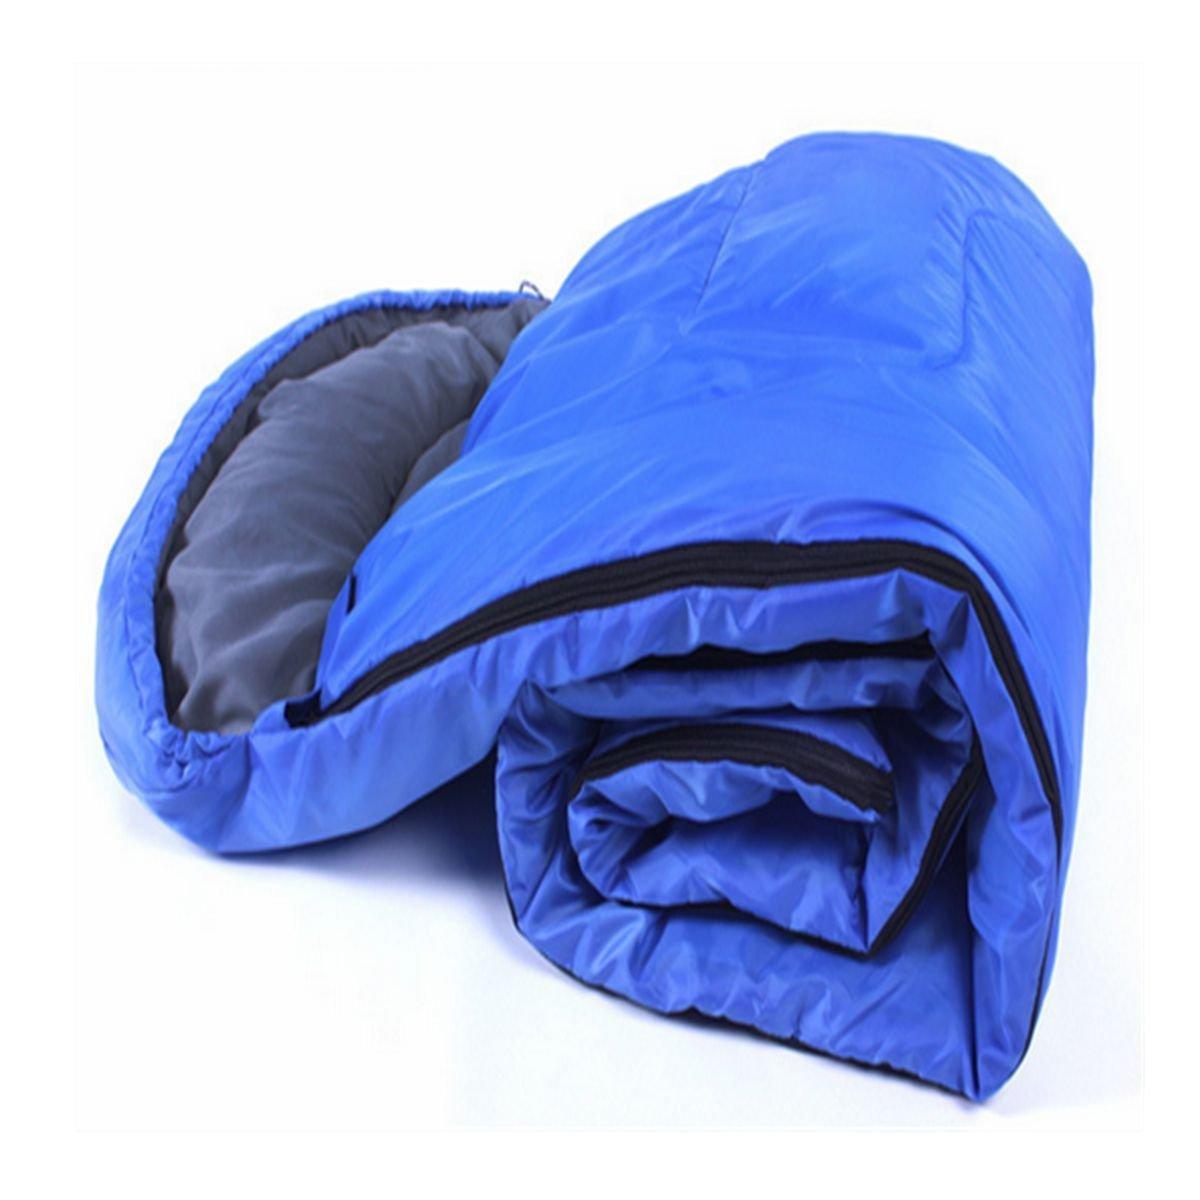 Camping e outdoor Letti e accessori da campeggio Blu Cikuso Allaperto Impermeabile Viaggio Busta Addormentato Borsa Campeggio Escursionismo Portare Astuccio